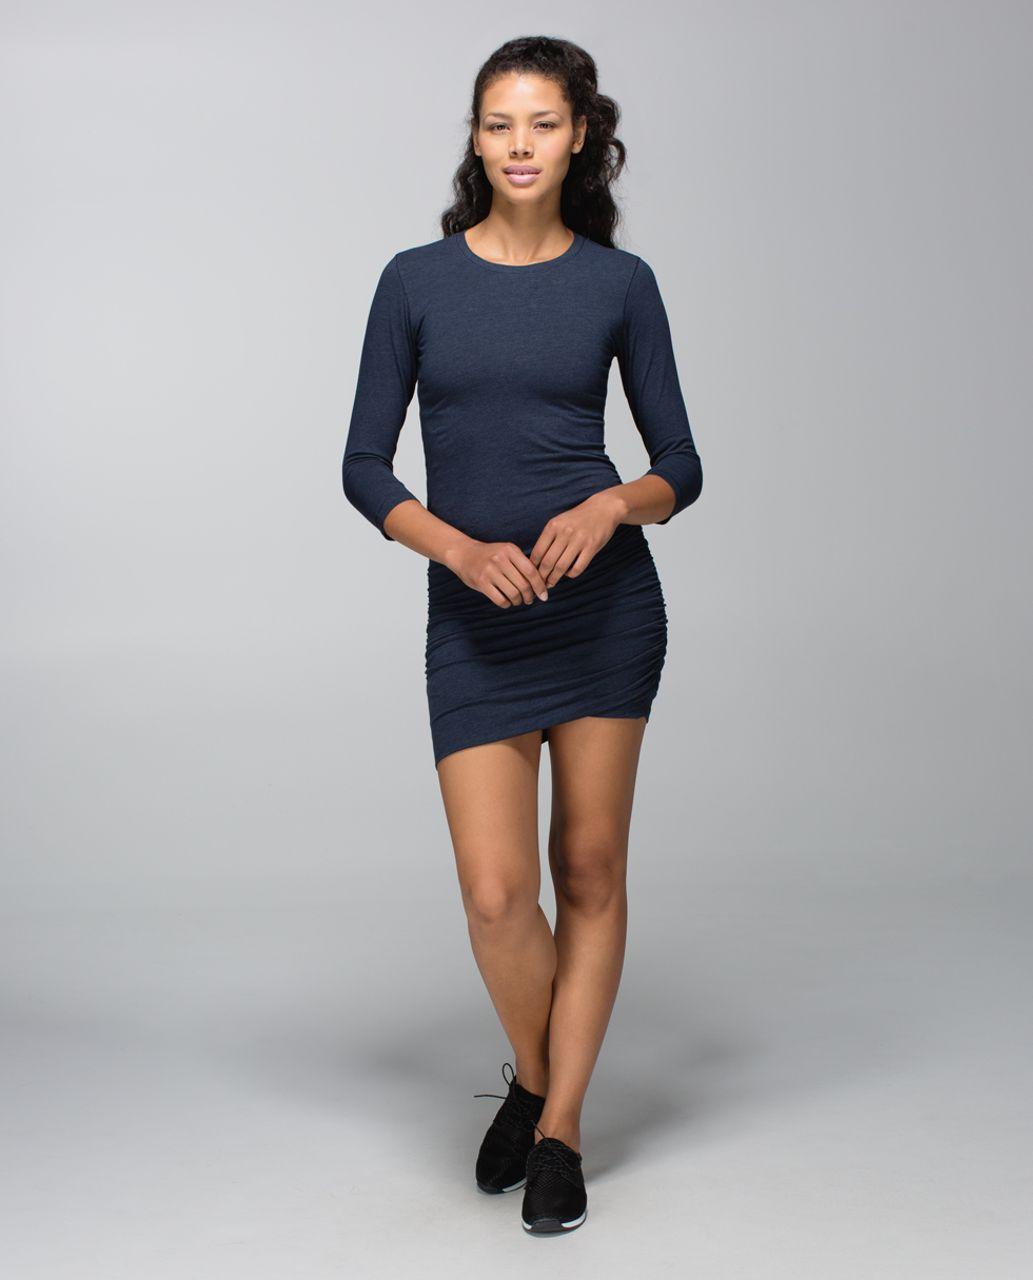 Lululemon Anytime Dress - Heathered Inkwell